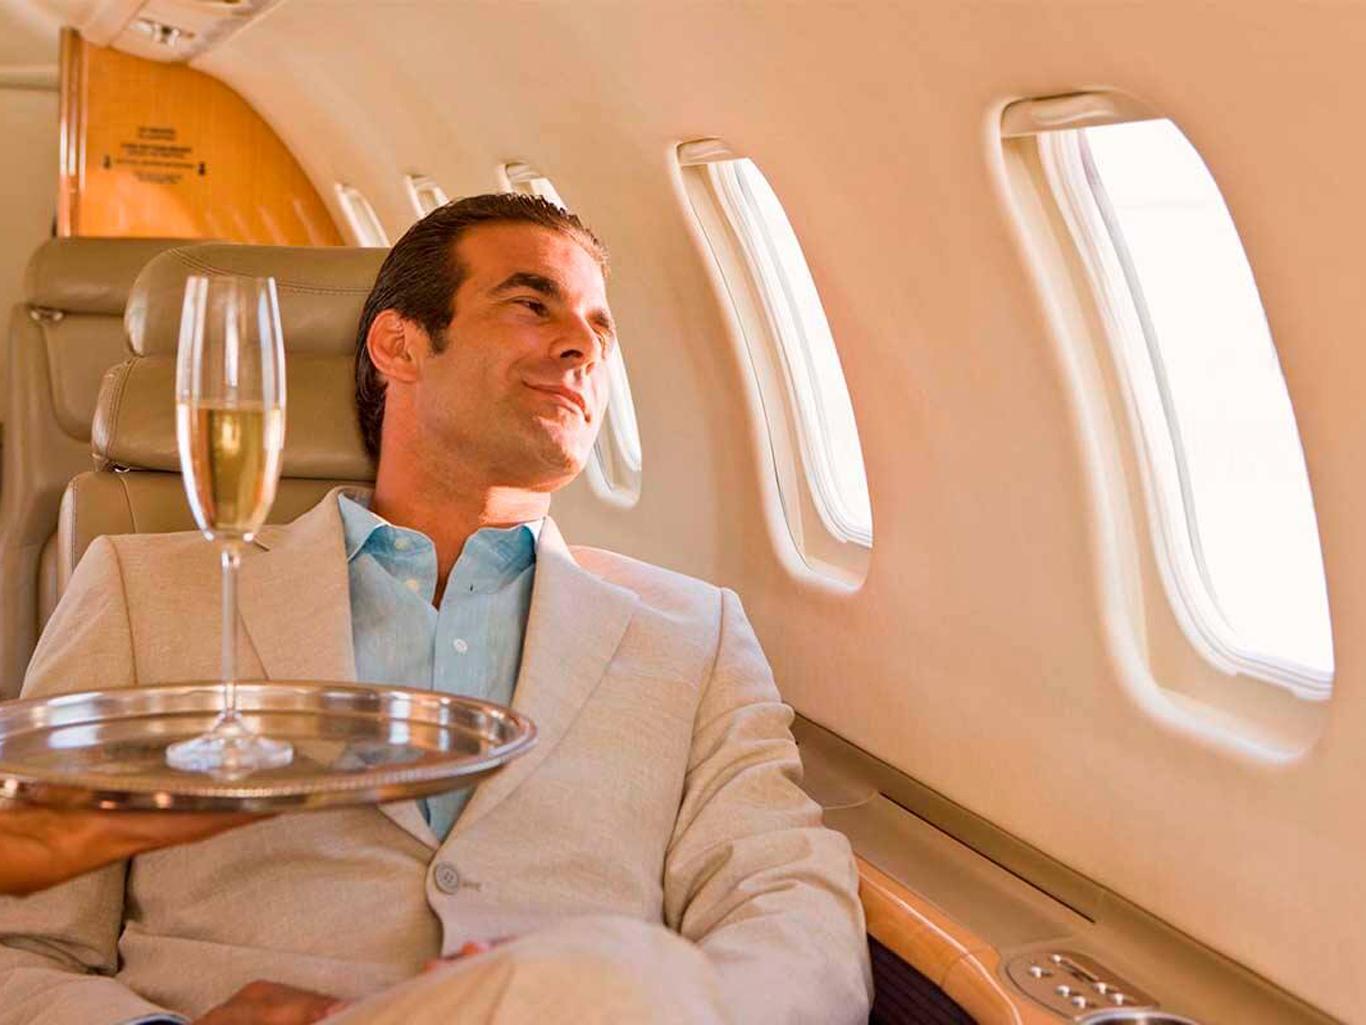 20 ежедневных привычек, которые есть у каждого миллионера